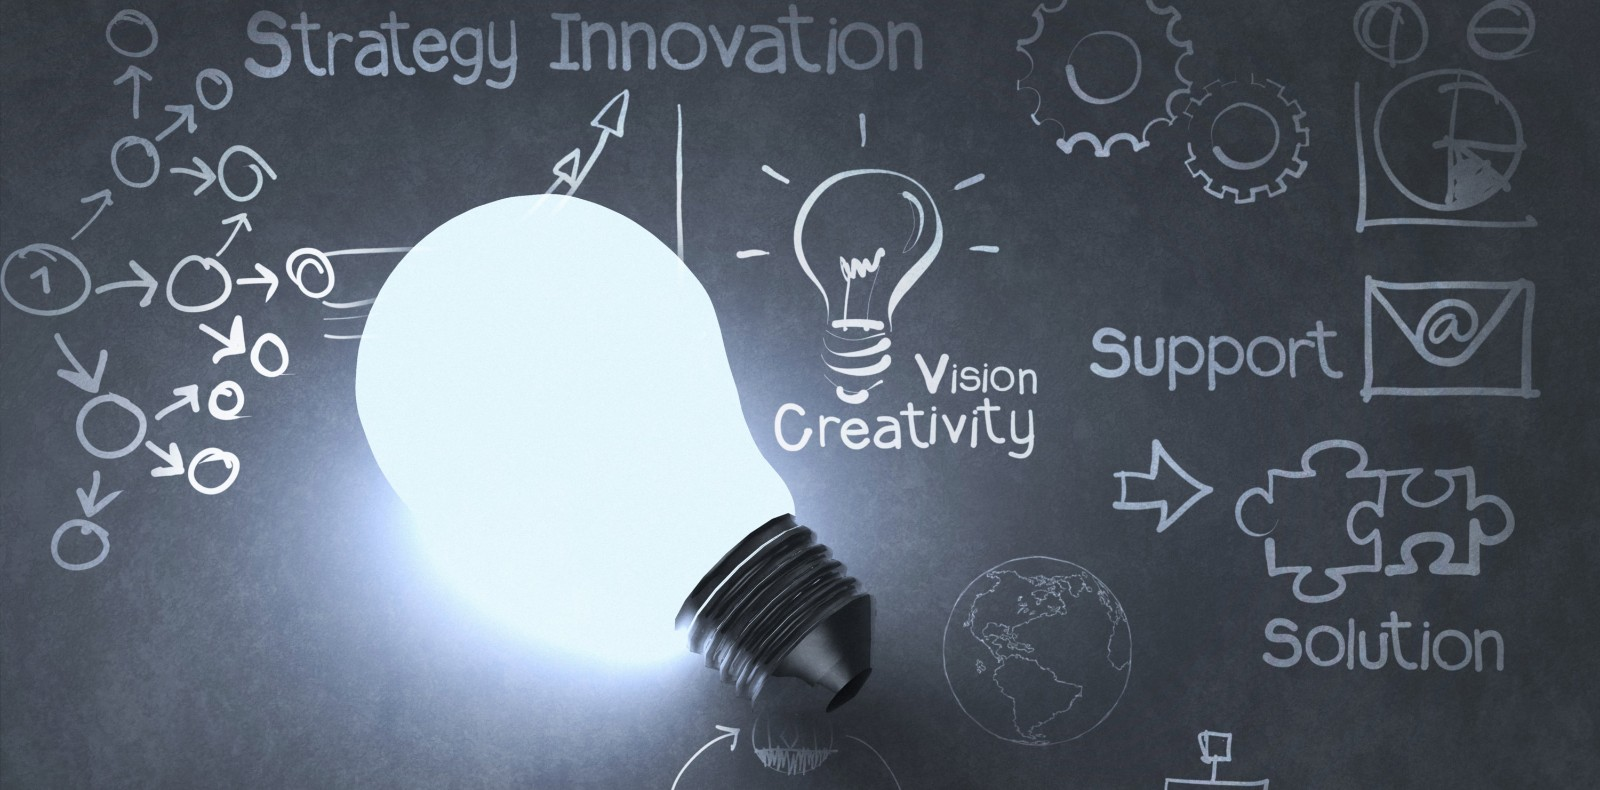 首席信息官如何激发创新的商业引擎